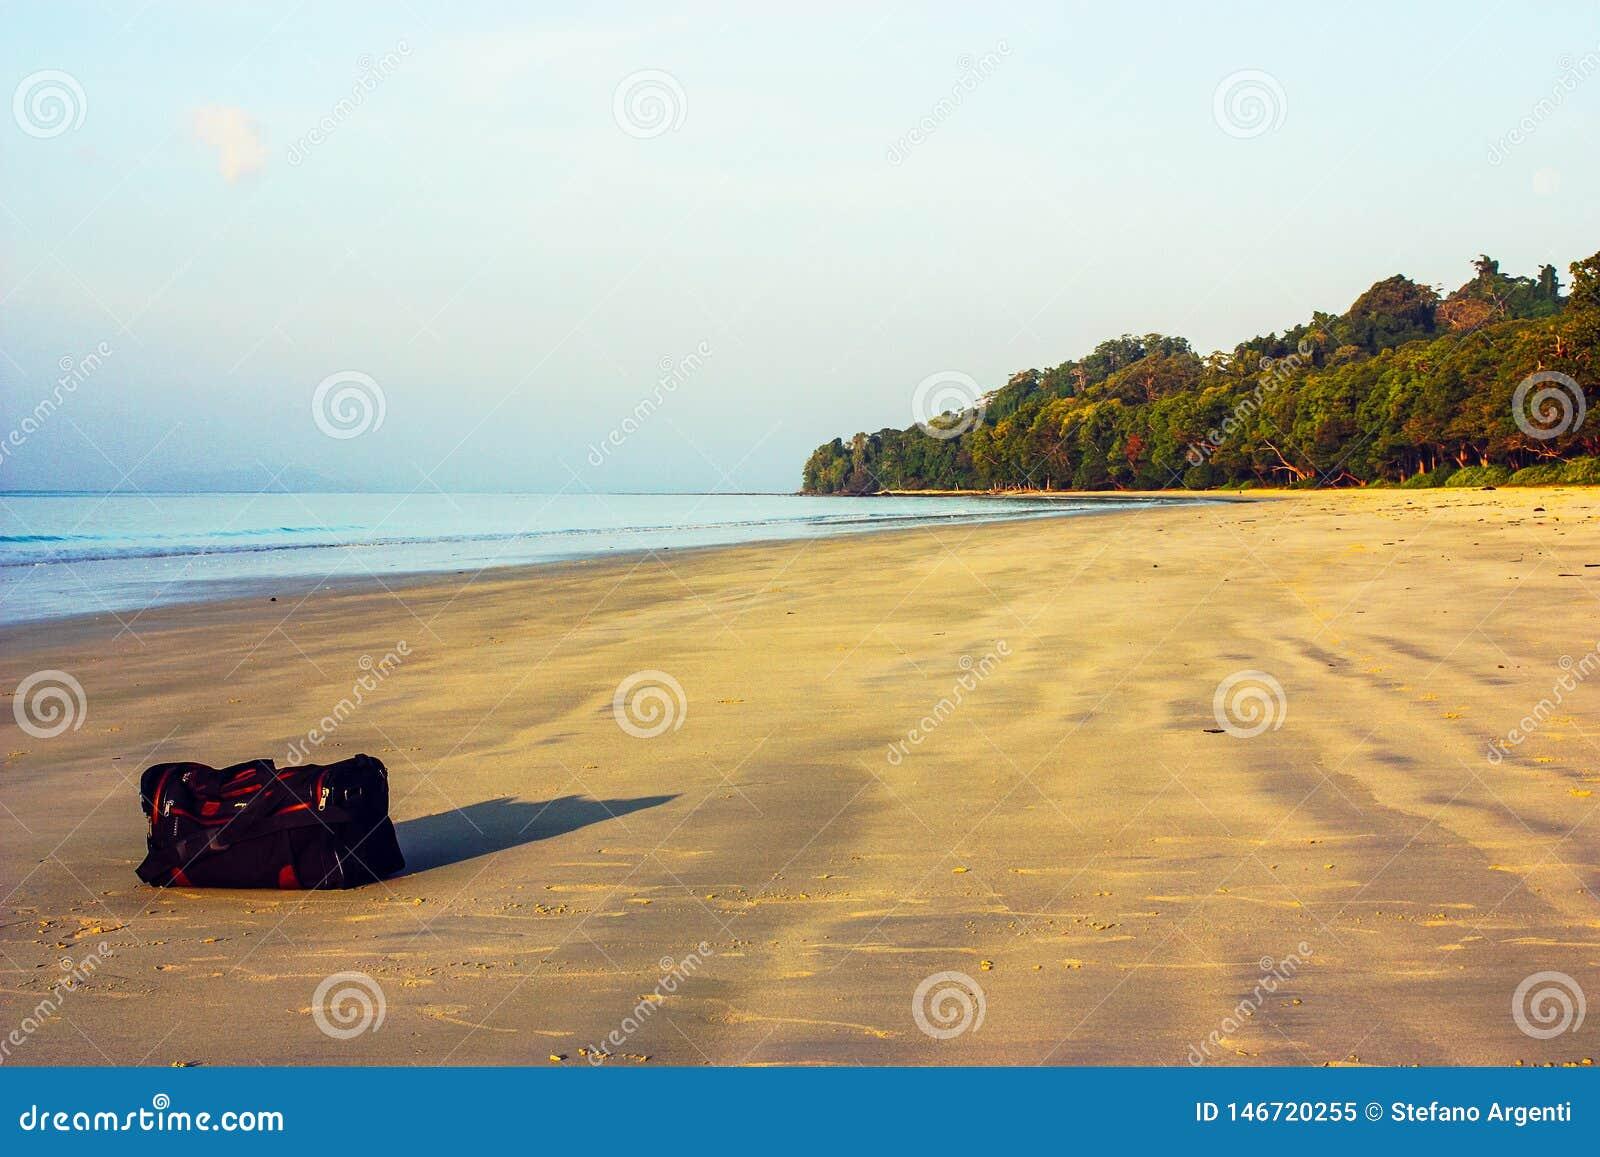 Travel bag on the beach